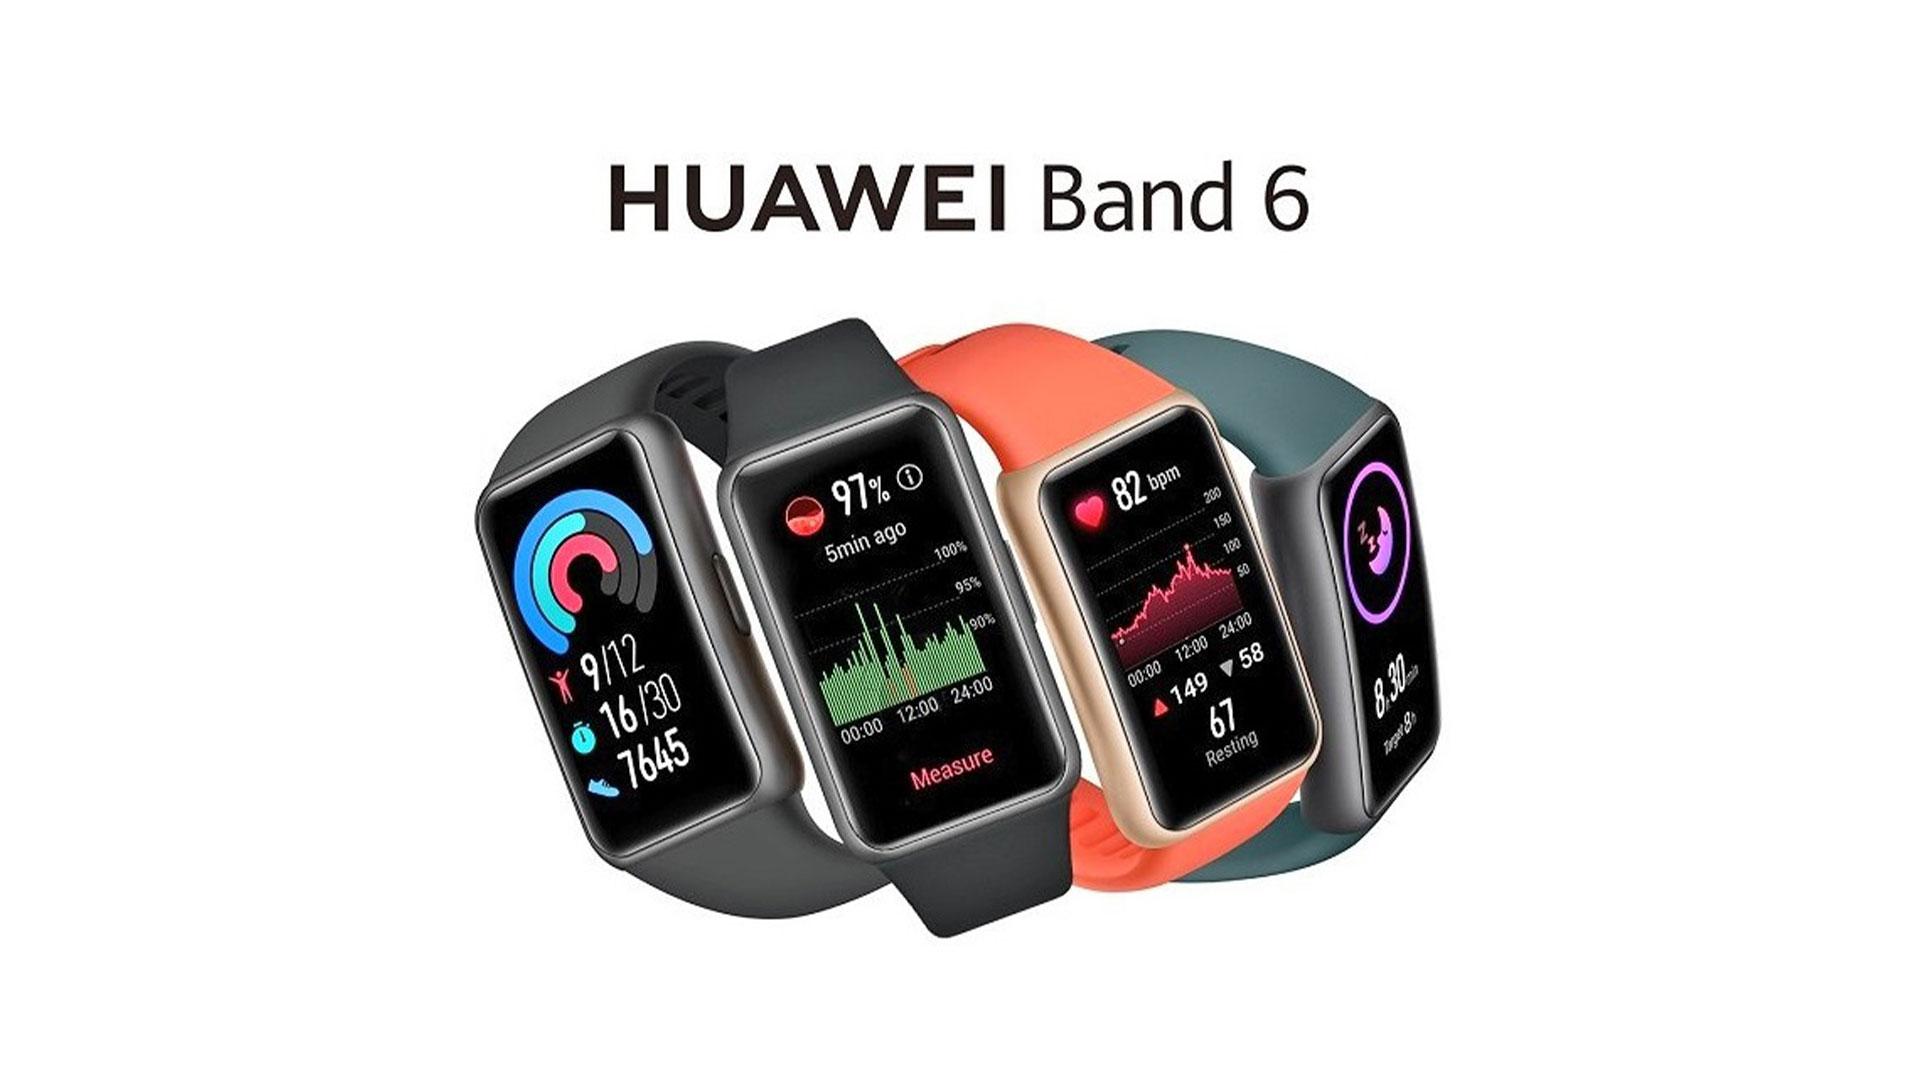 Huawei Band 6 ra mắt tại VN: Màn hình AMOLED kích thước lớn, tích hợp cảm biến đo SpO2, pin 14 ngày, giá 1.49 triệu đồng - Ảnh 3.